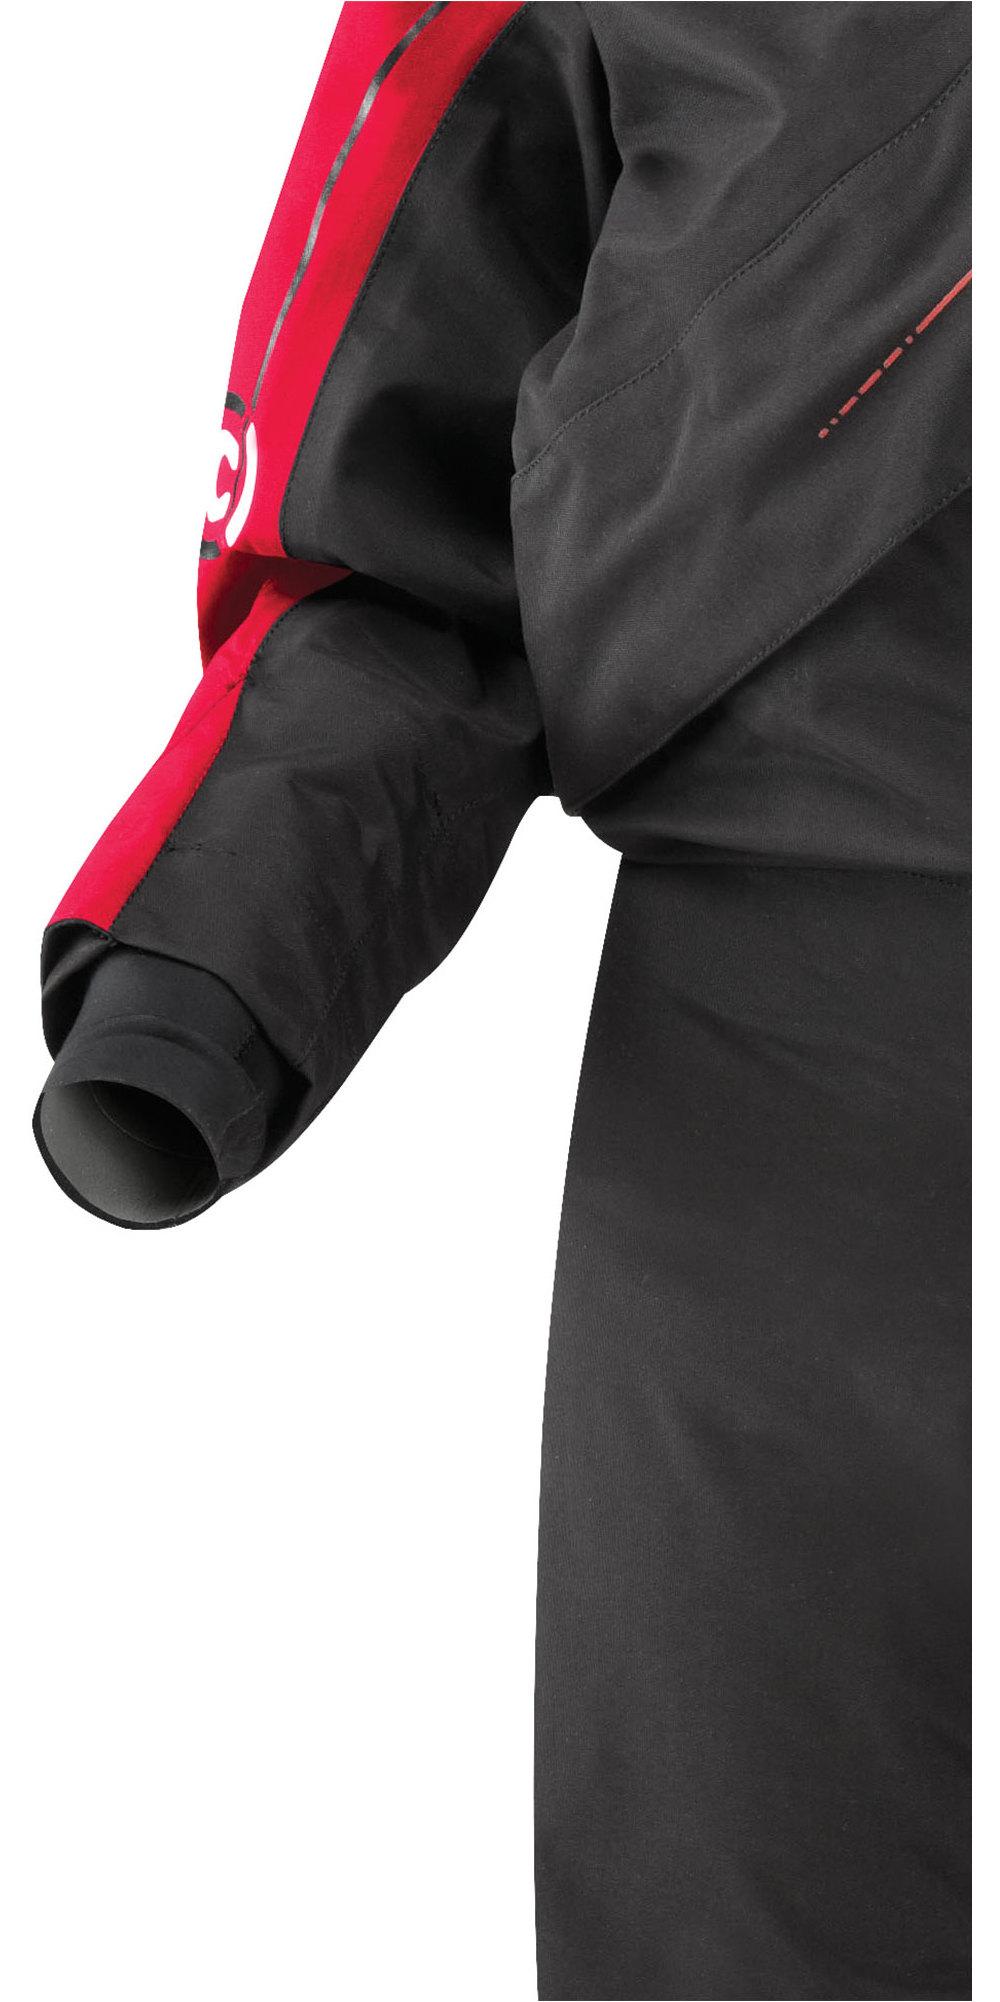 2019 Crewsaver Razor Junior Drysuit Inc Underfleece 6565